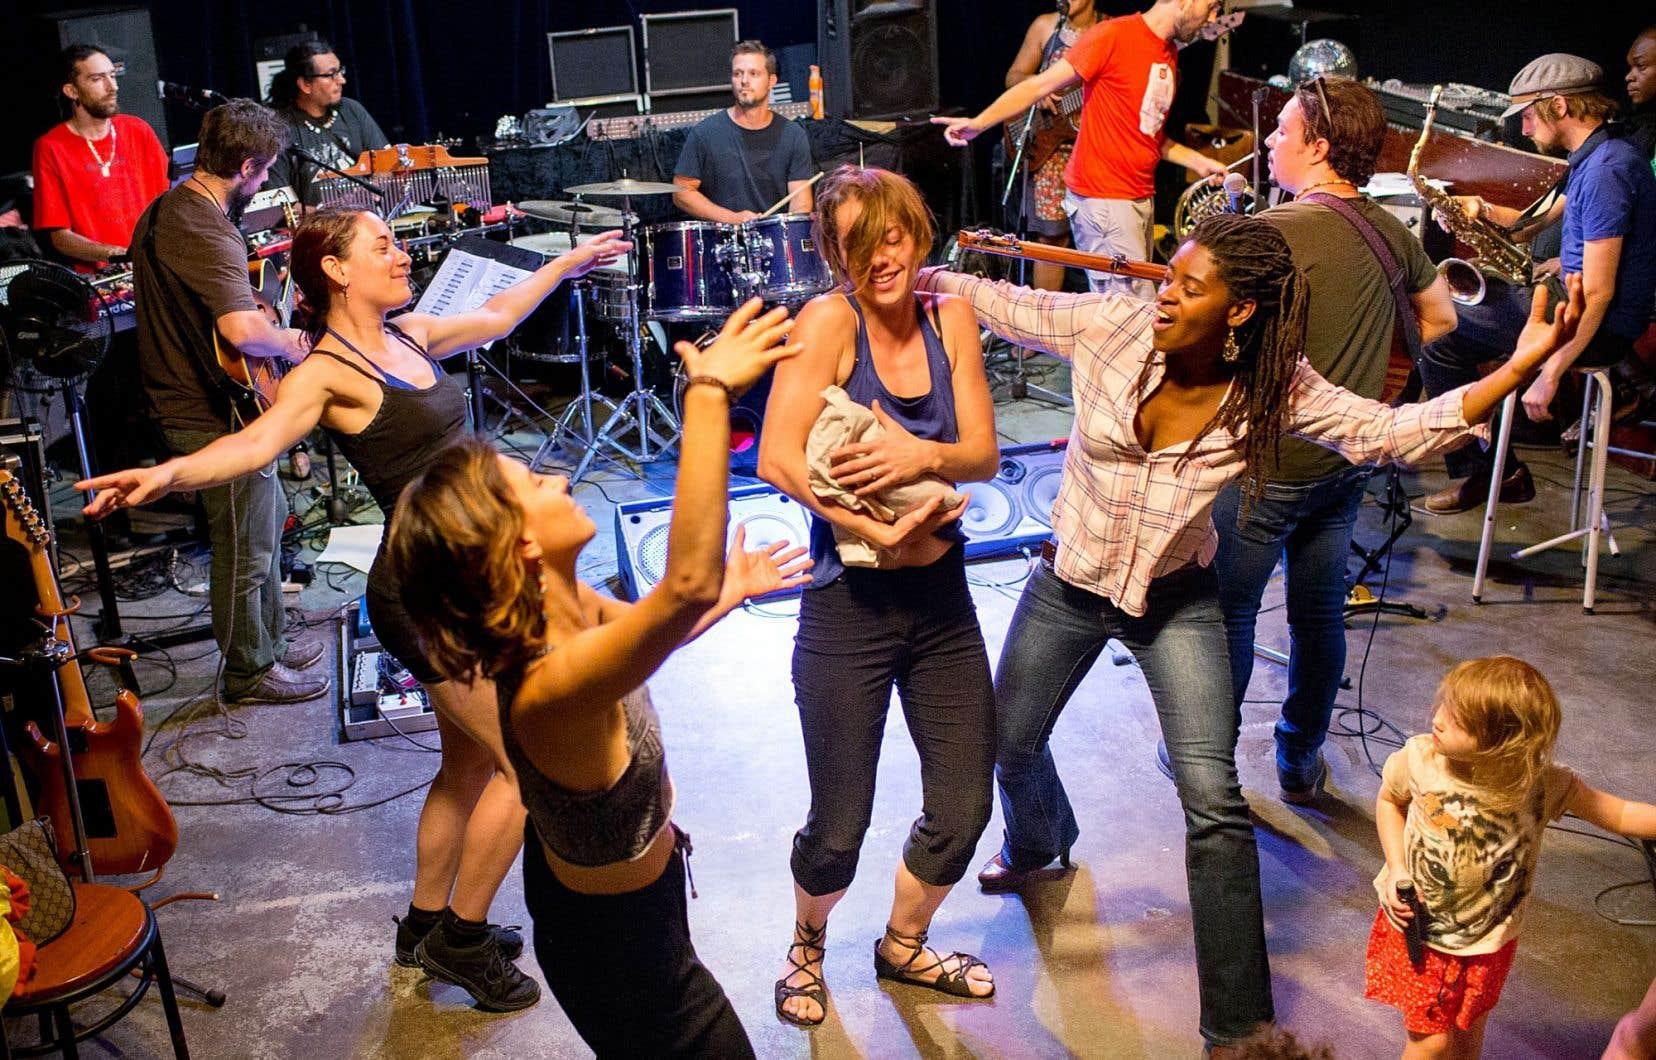 Des artistes prenant part à la fête d'ouverture du Forum répétaient une performance dimanche.